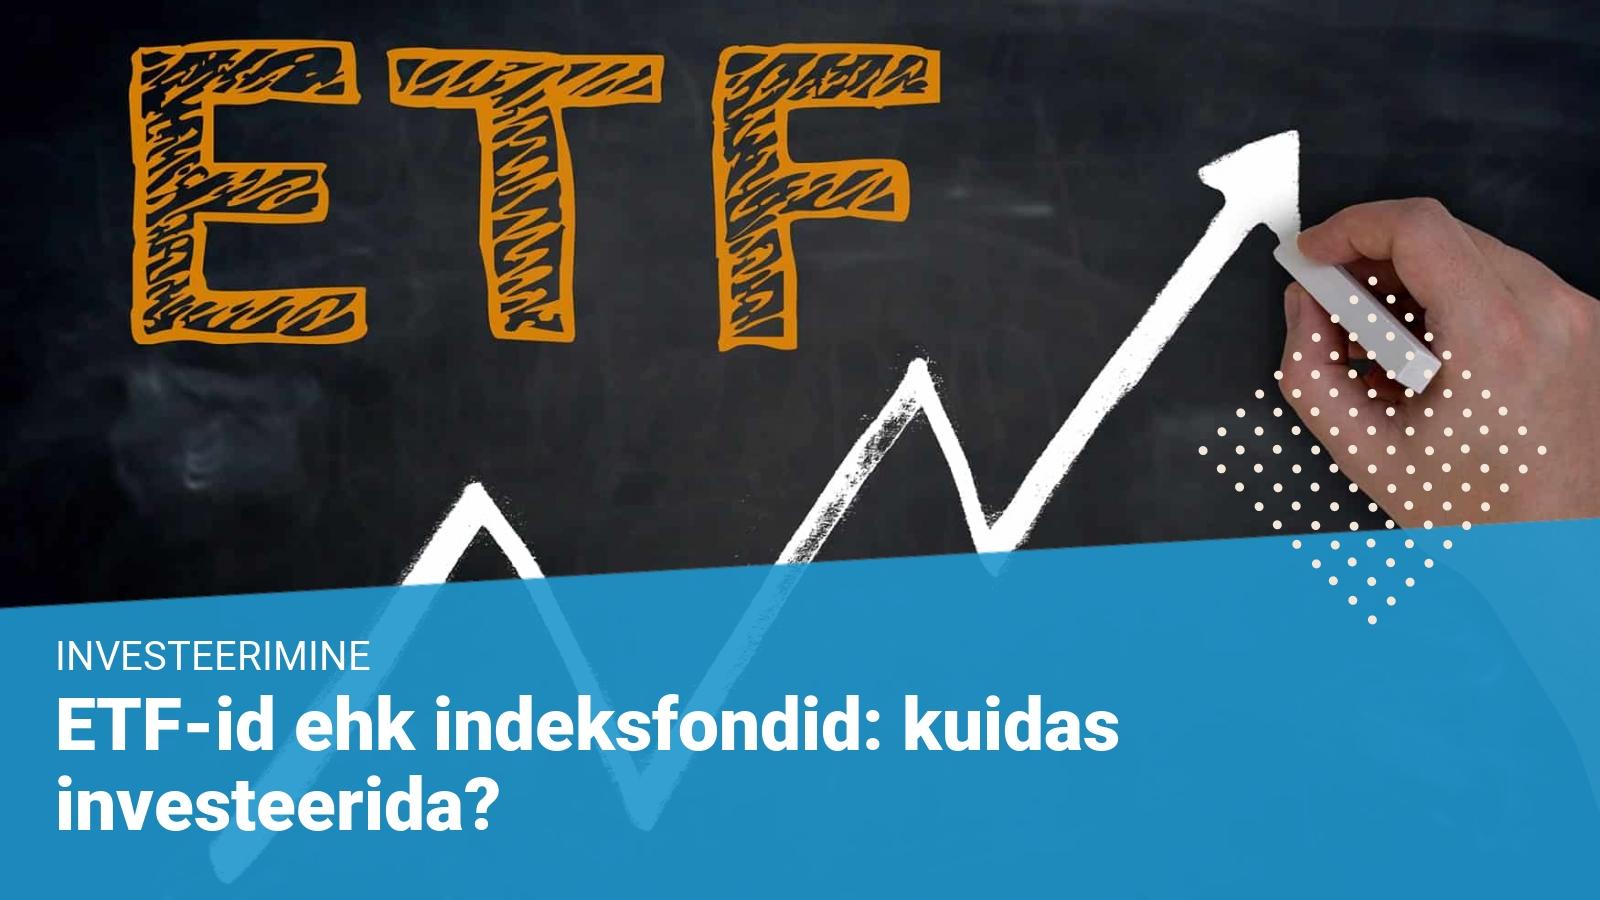 etf indeksfondid börsil kaubeldavad fondid